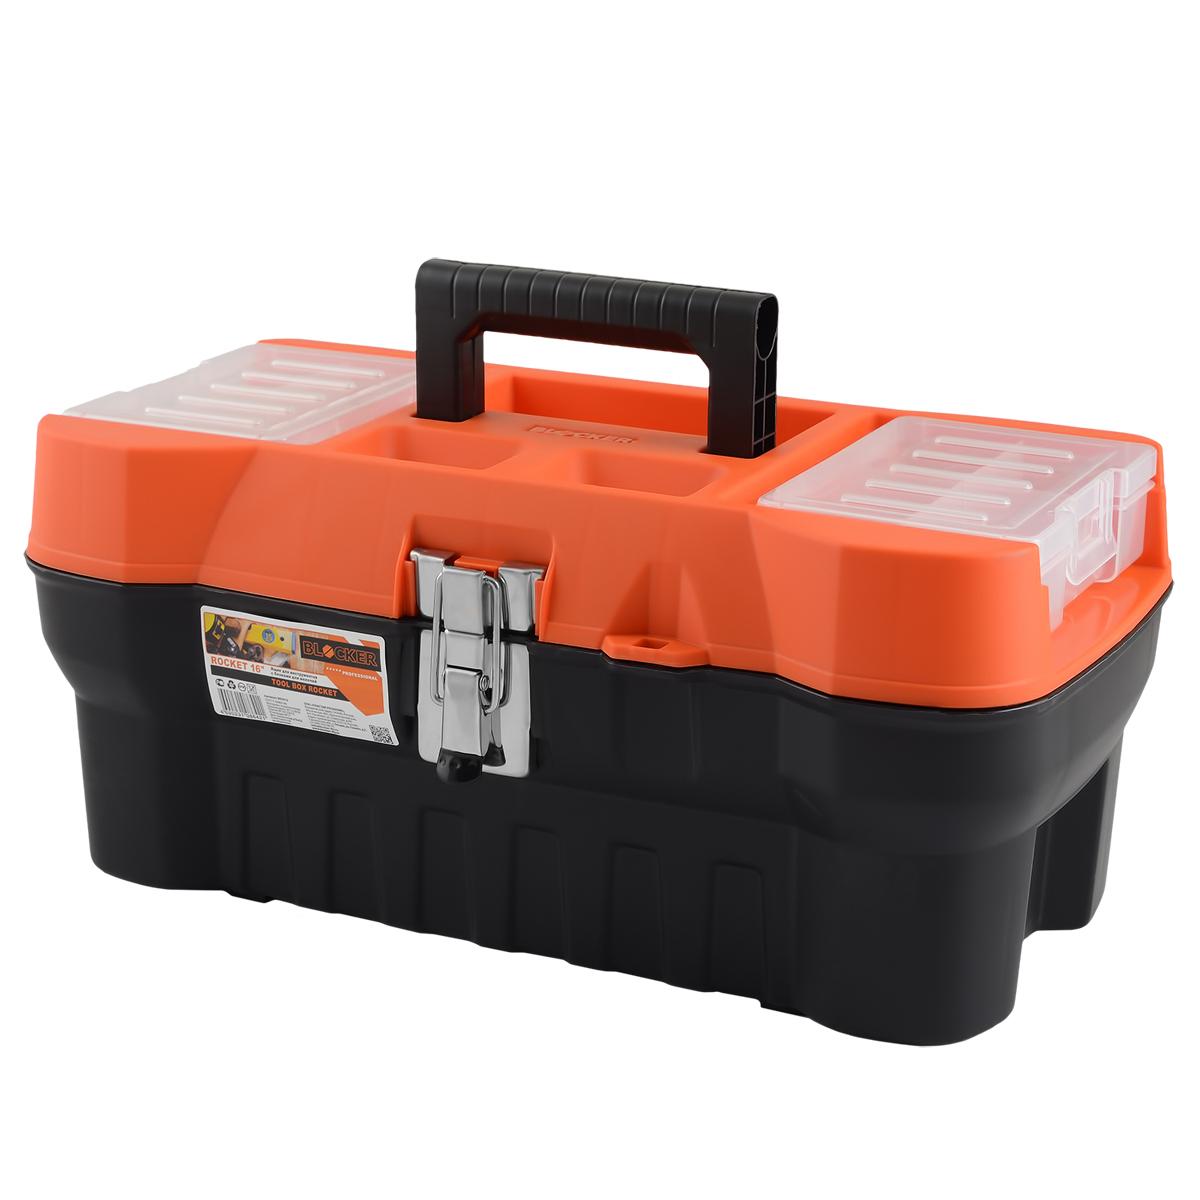 Ящик для инструментов Blocker Rocket, цвет: черный, оранжевый, 408 х 210 х 180 мм2740-H10_z01Современный, функциональный и продвинутый ящик Blocker Rocket предназначен для хранения и переноски инструментов. Стальной замок помогает ящику выдерживать повышенную нагрузку. Крышка снабжена блоками для хранения мелких скобяных изделий.